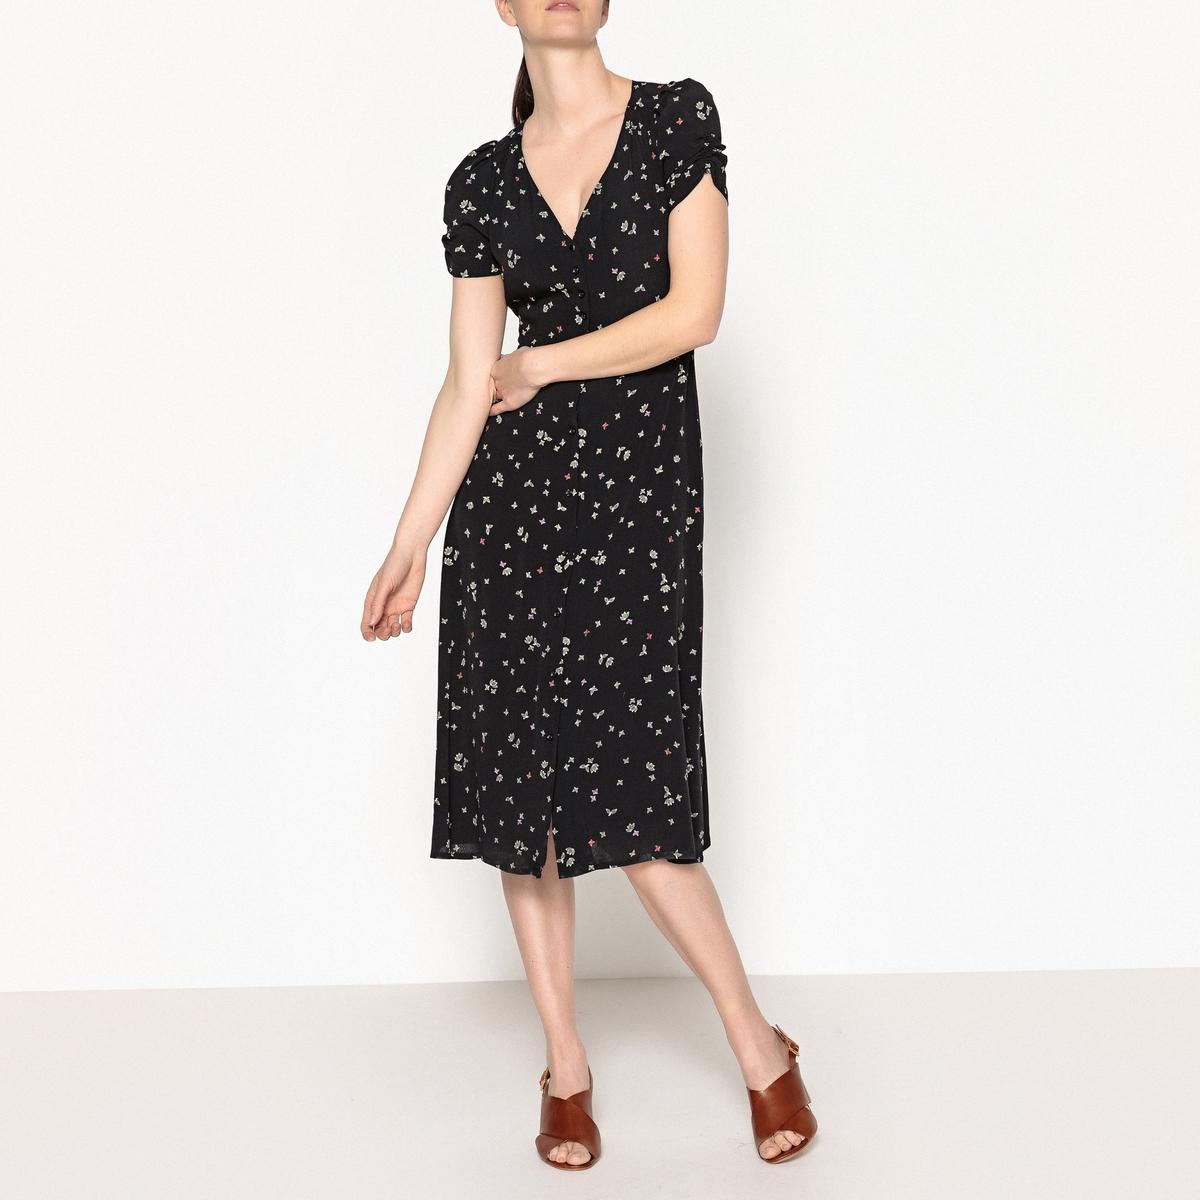 Платье с рисунком средней длины UPALAОписание:Платье с рисунком SESSUN - модель UPALA. Складки на плечах и рукавах. Отрезное платье по талии, вшитый пояс с завязками. Платье с застежкой на пуговицы по всей длине.Детали •  Форма : расклешенная •  Длина до колен •  Короткие рукава    •   V-образный вырез •  Рисунок-принтСостав и уход •  100% вискоза •  Следуйте рекомендациям по уходу, указанным на этикетке изделия •  Длина : ок. 116 см. для размера S<br><br>Цвет: рисунок черный